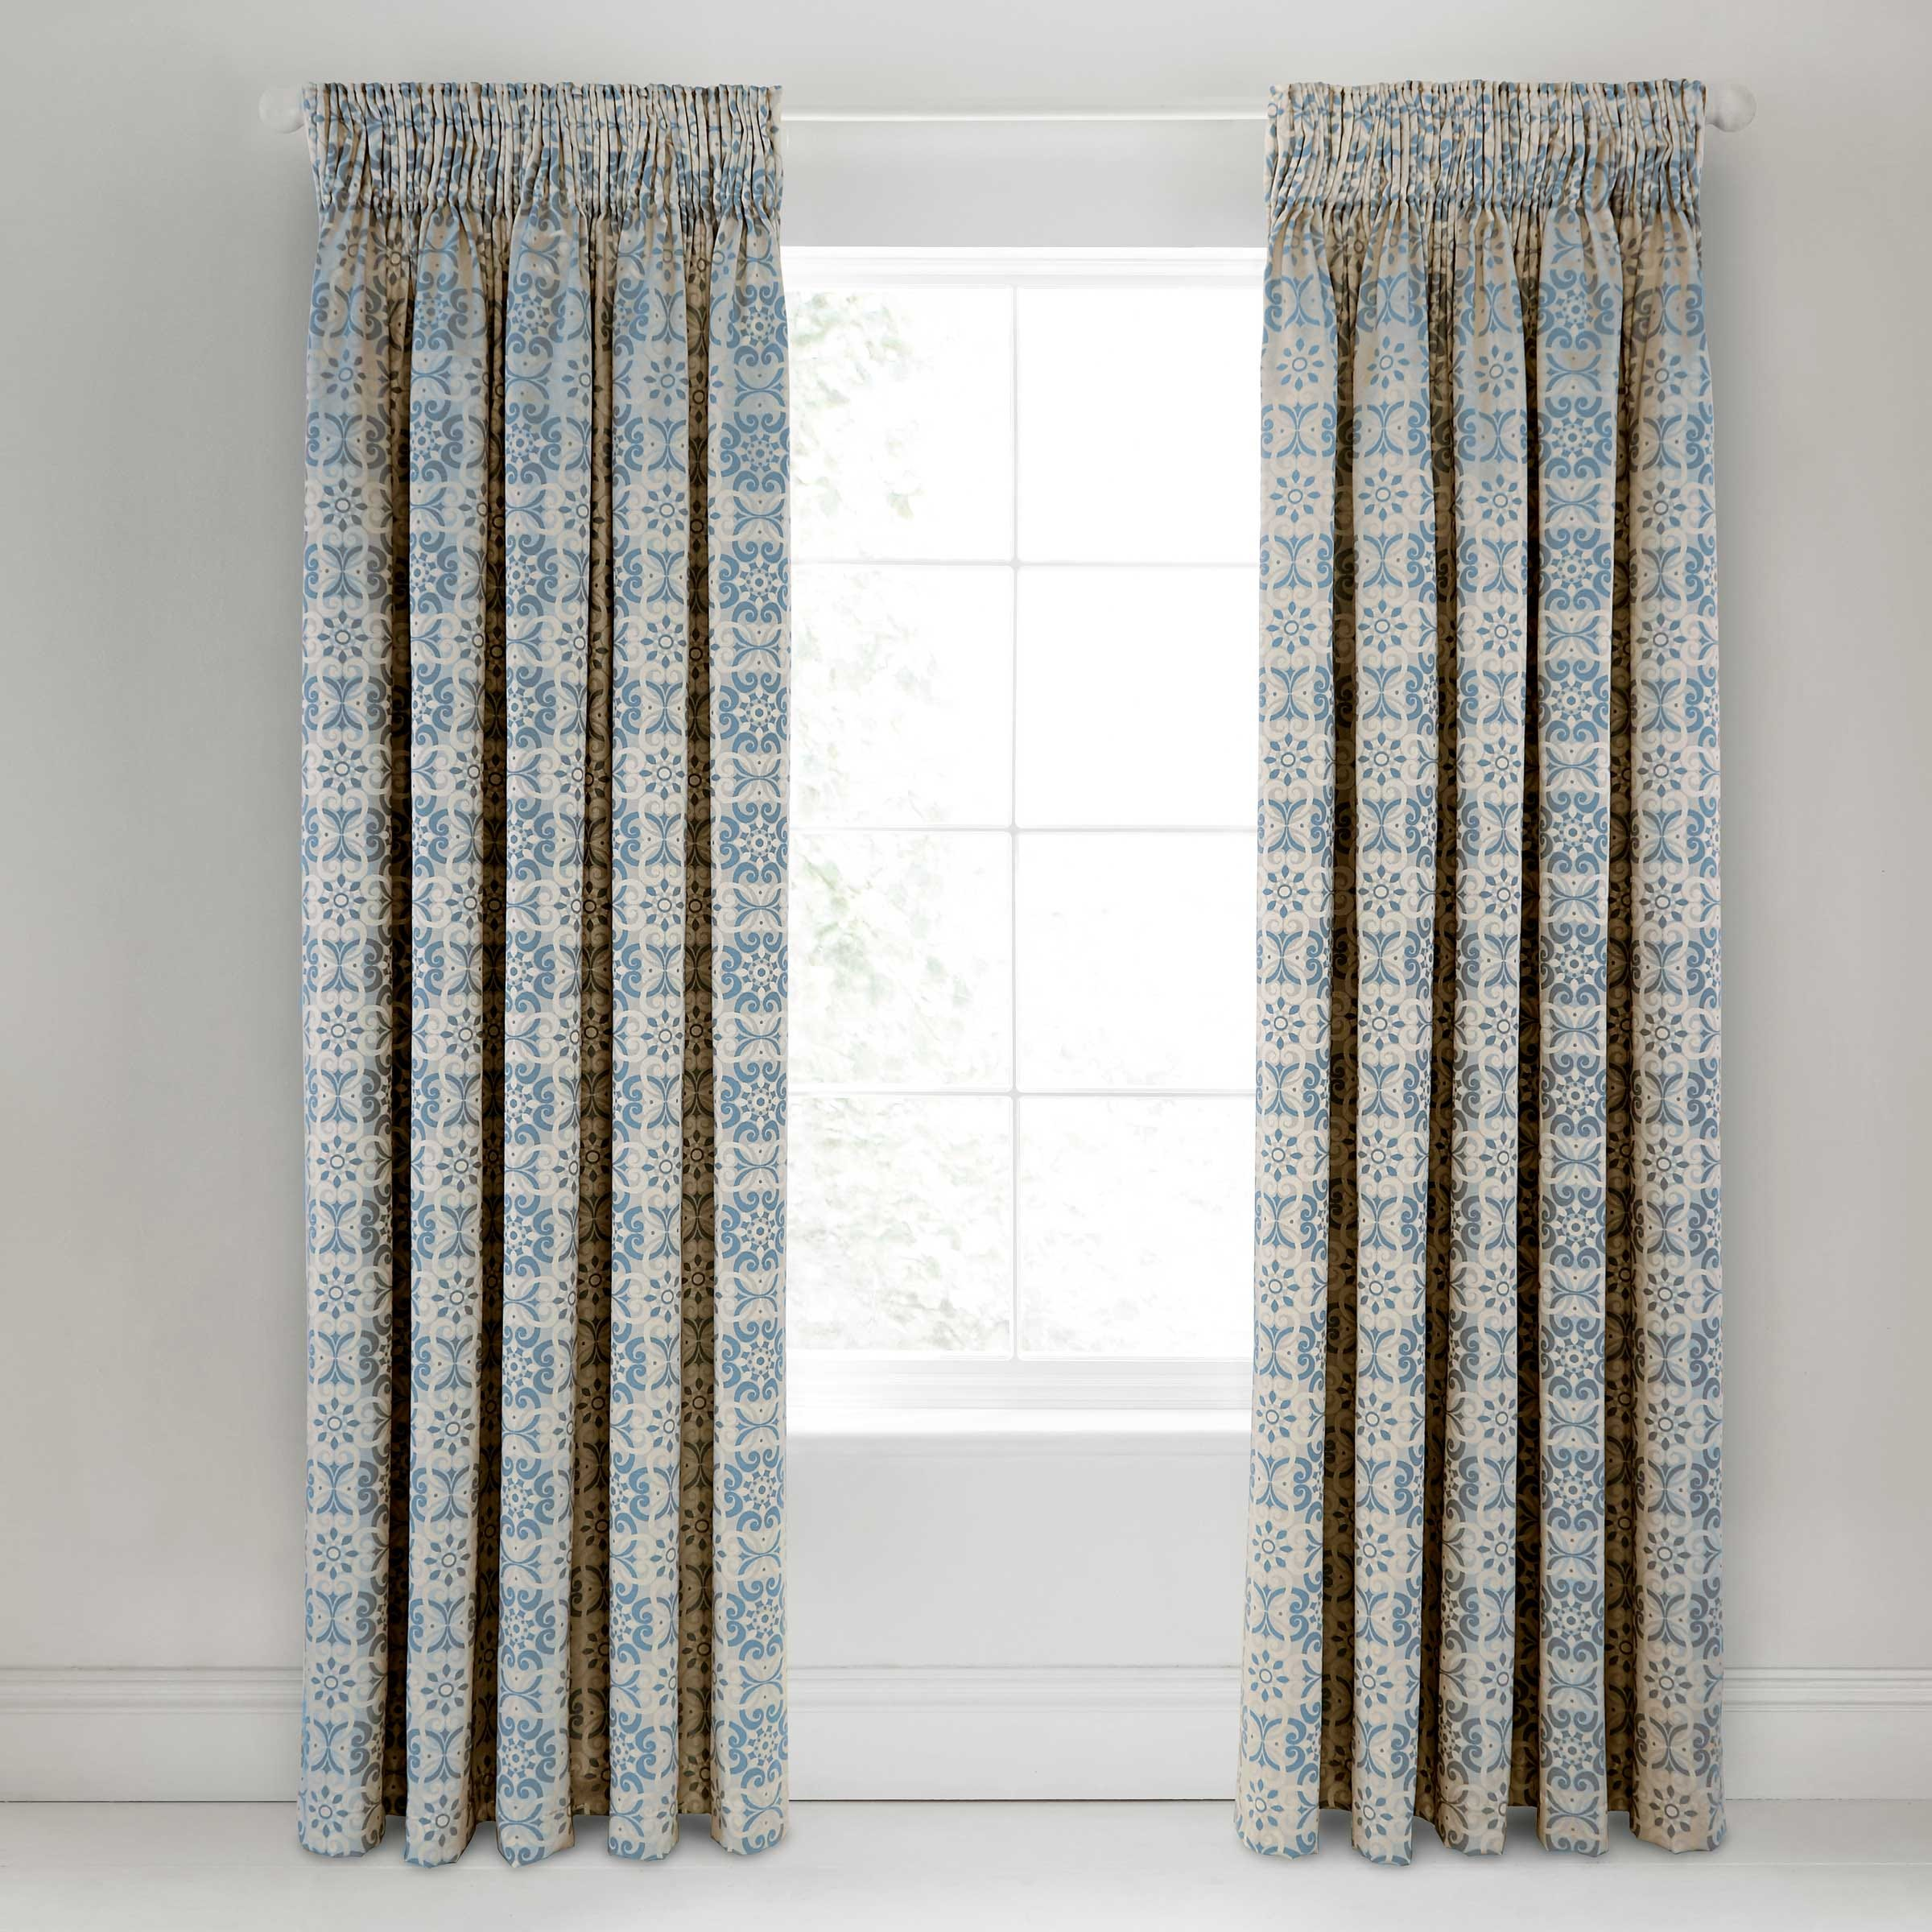 Blue curtains 66x72